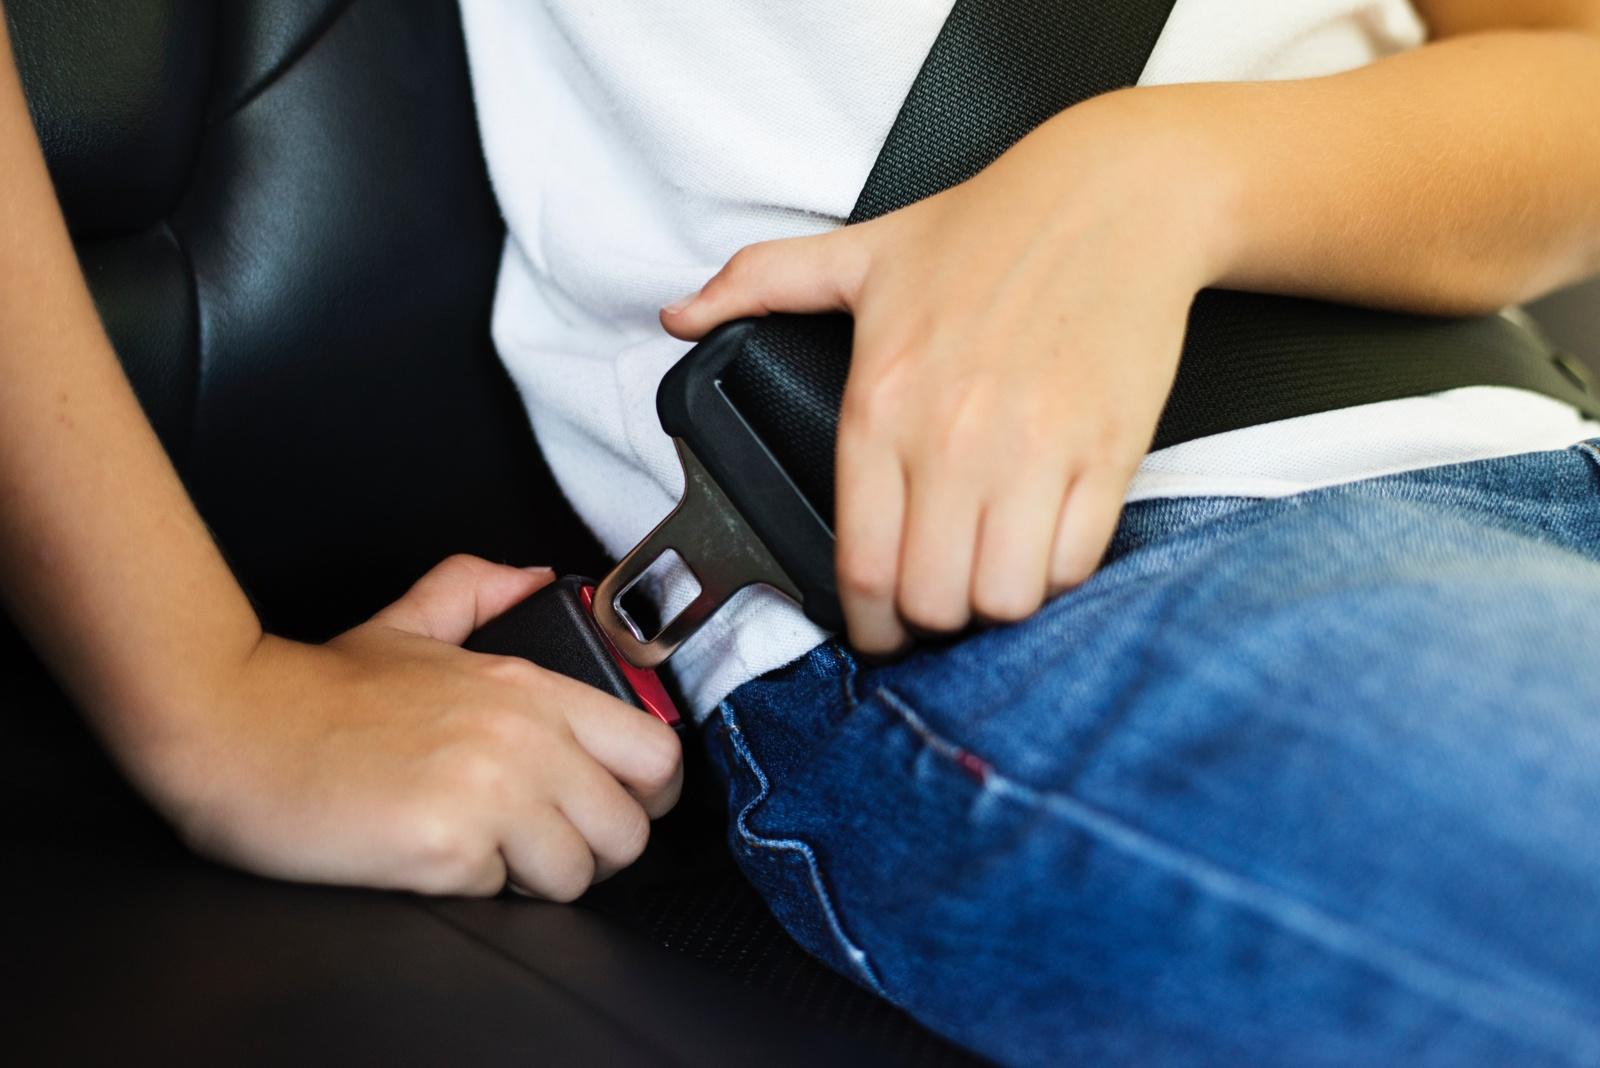 Mažieji automobilių ir dviračių keleiviai – kaip tinkamai pasirūpinti jų saugumu?